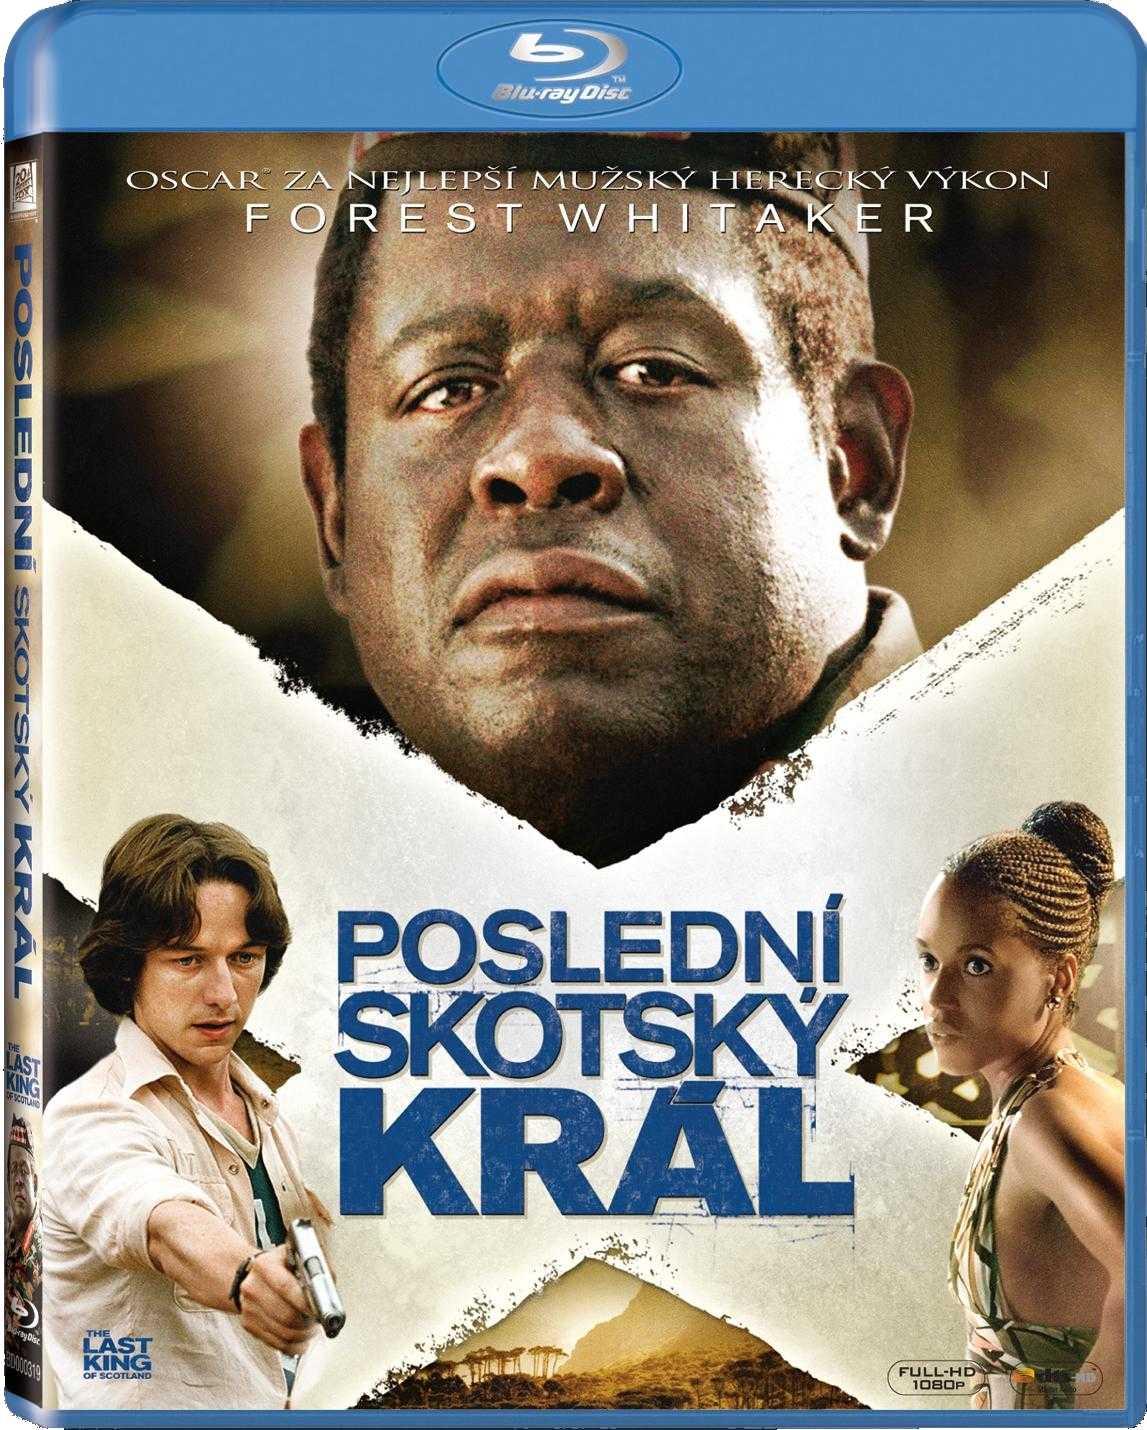 POSLEDNÍ SKOTSKÝ KRÁL - Blu-ray